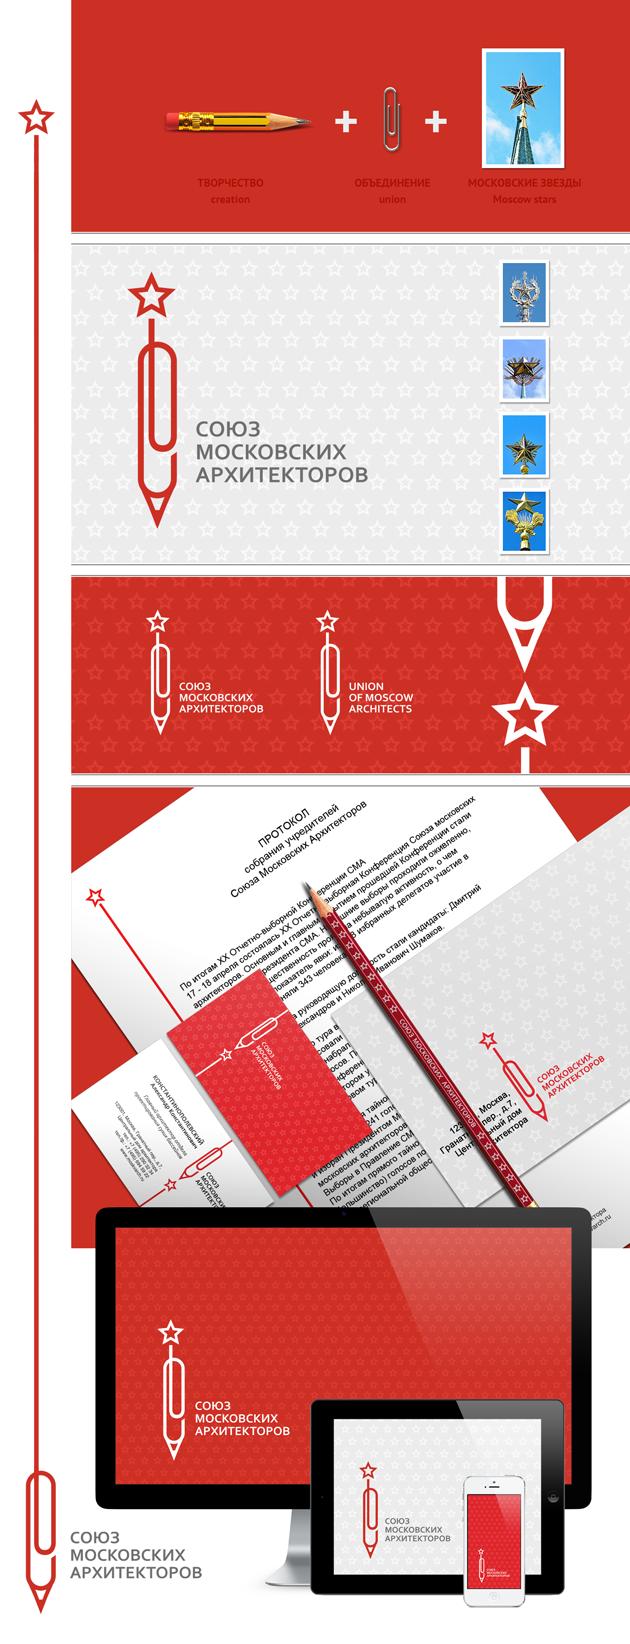 Union of Moscow Architects / UMA